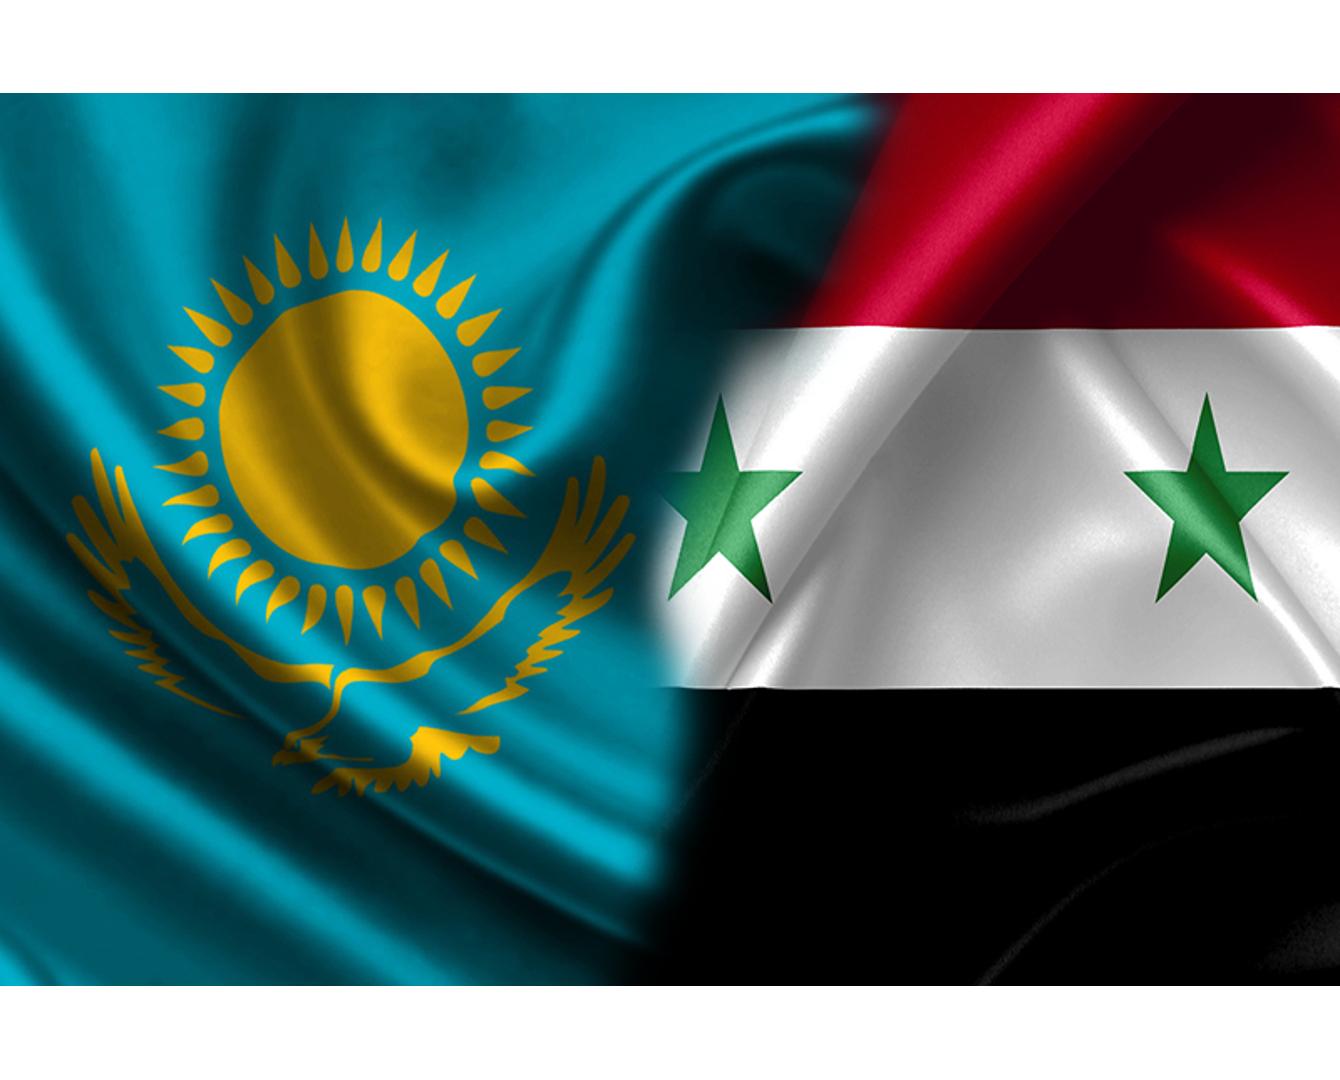 Казахстан восстановит культурный центр аль-Фараби в Дамаске